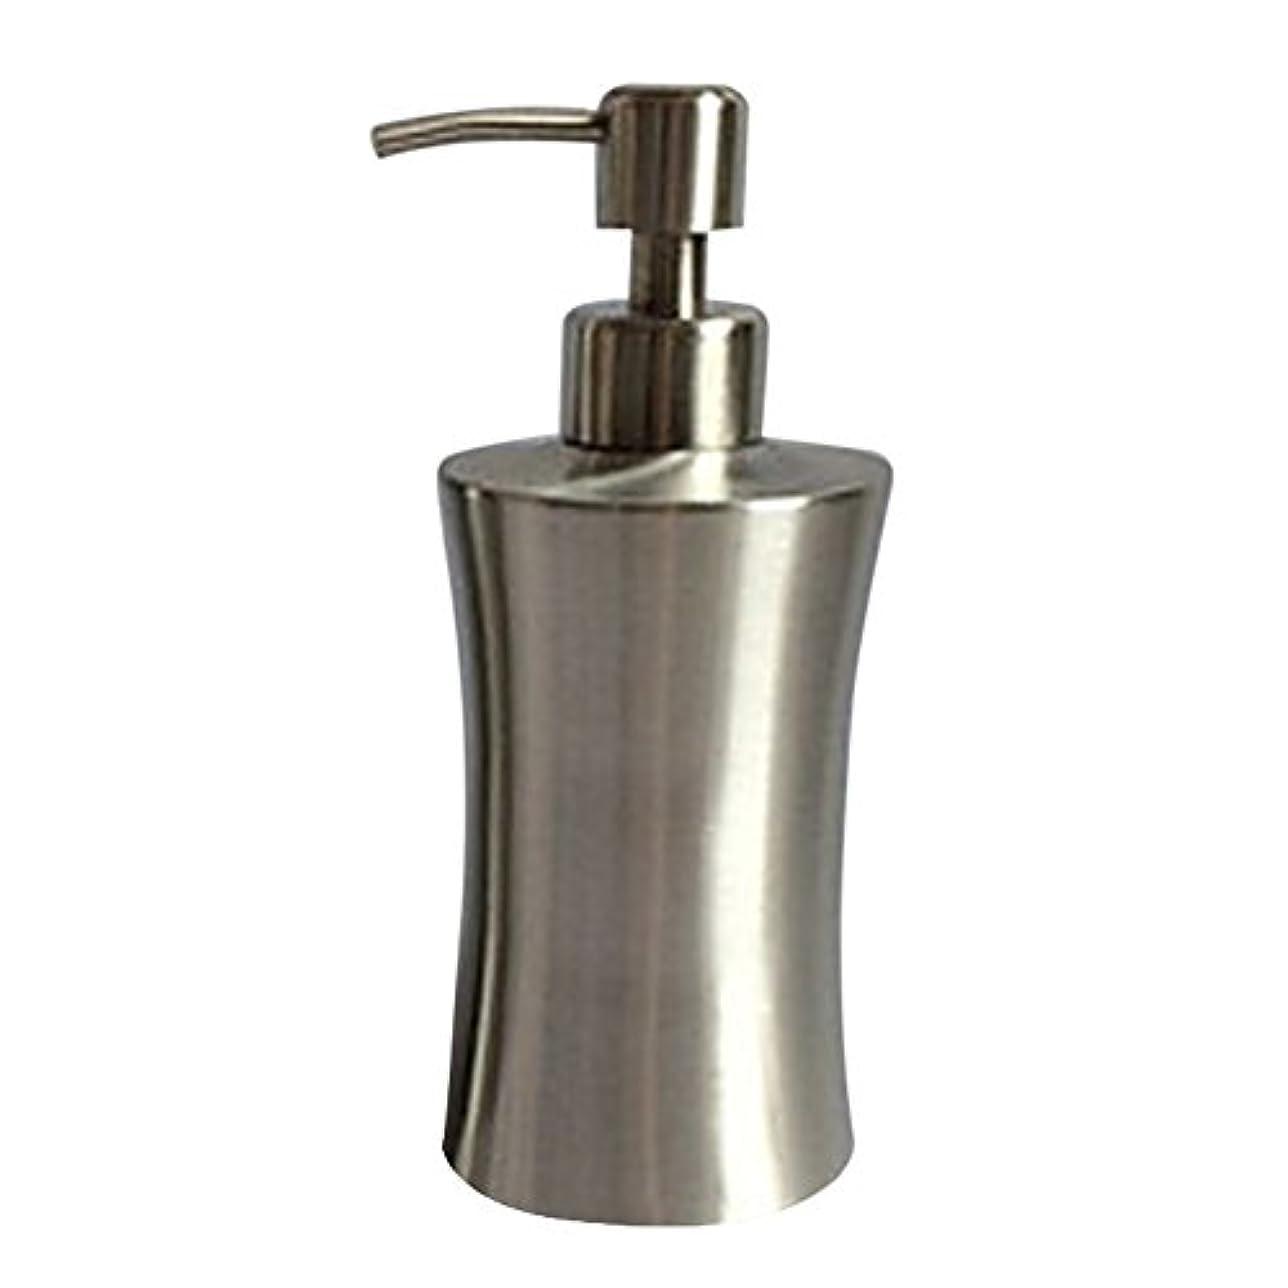 遅らせるラップトップたっぷりディスペンサー ステンレス ボトル 容器 ソープ 石鹸 シャンプー 手洗いボトル 耐久性 錆びない 220ml/250ml/400ml (C:400ml)